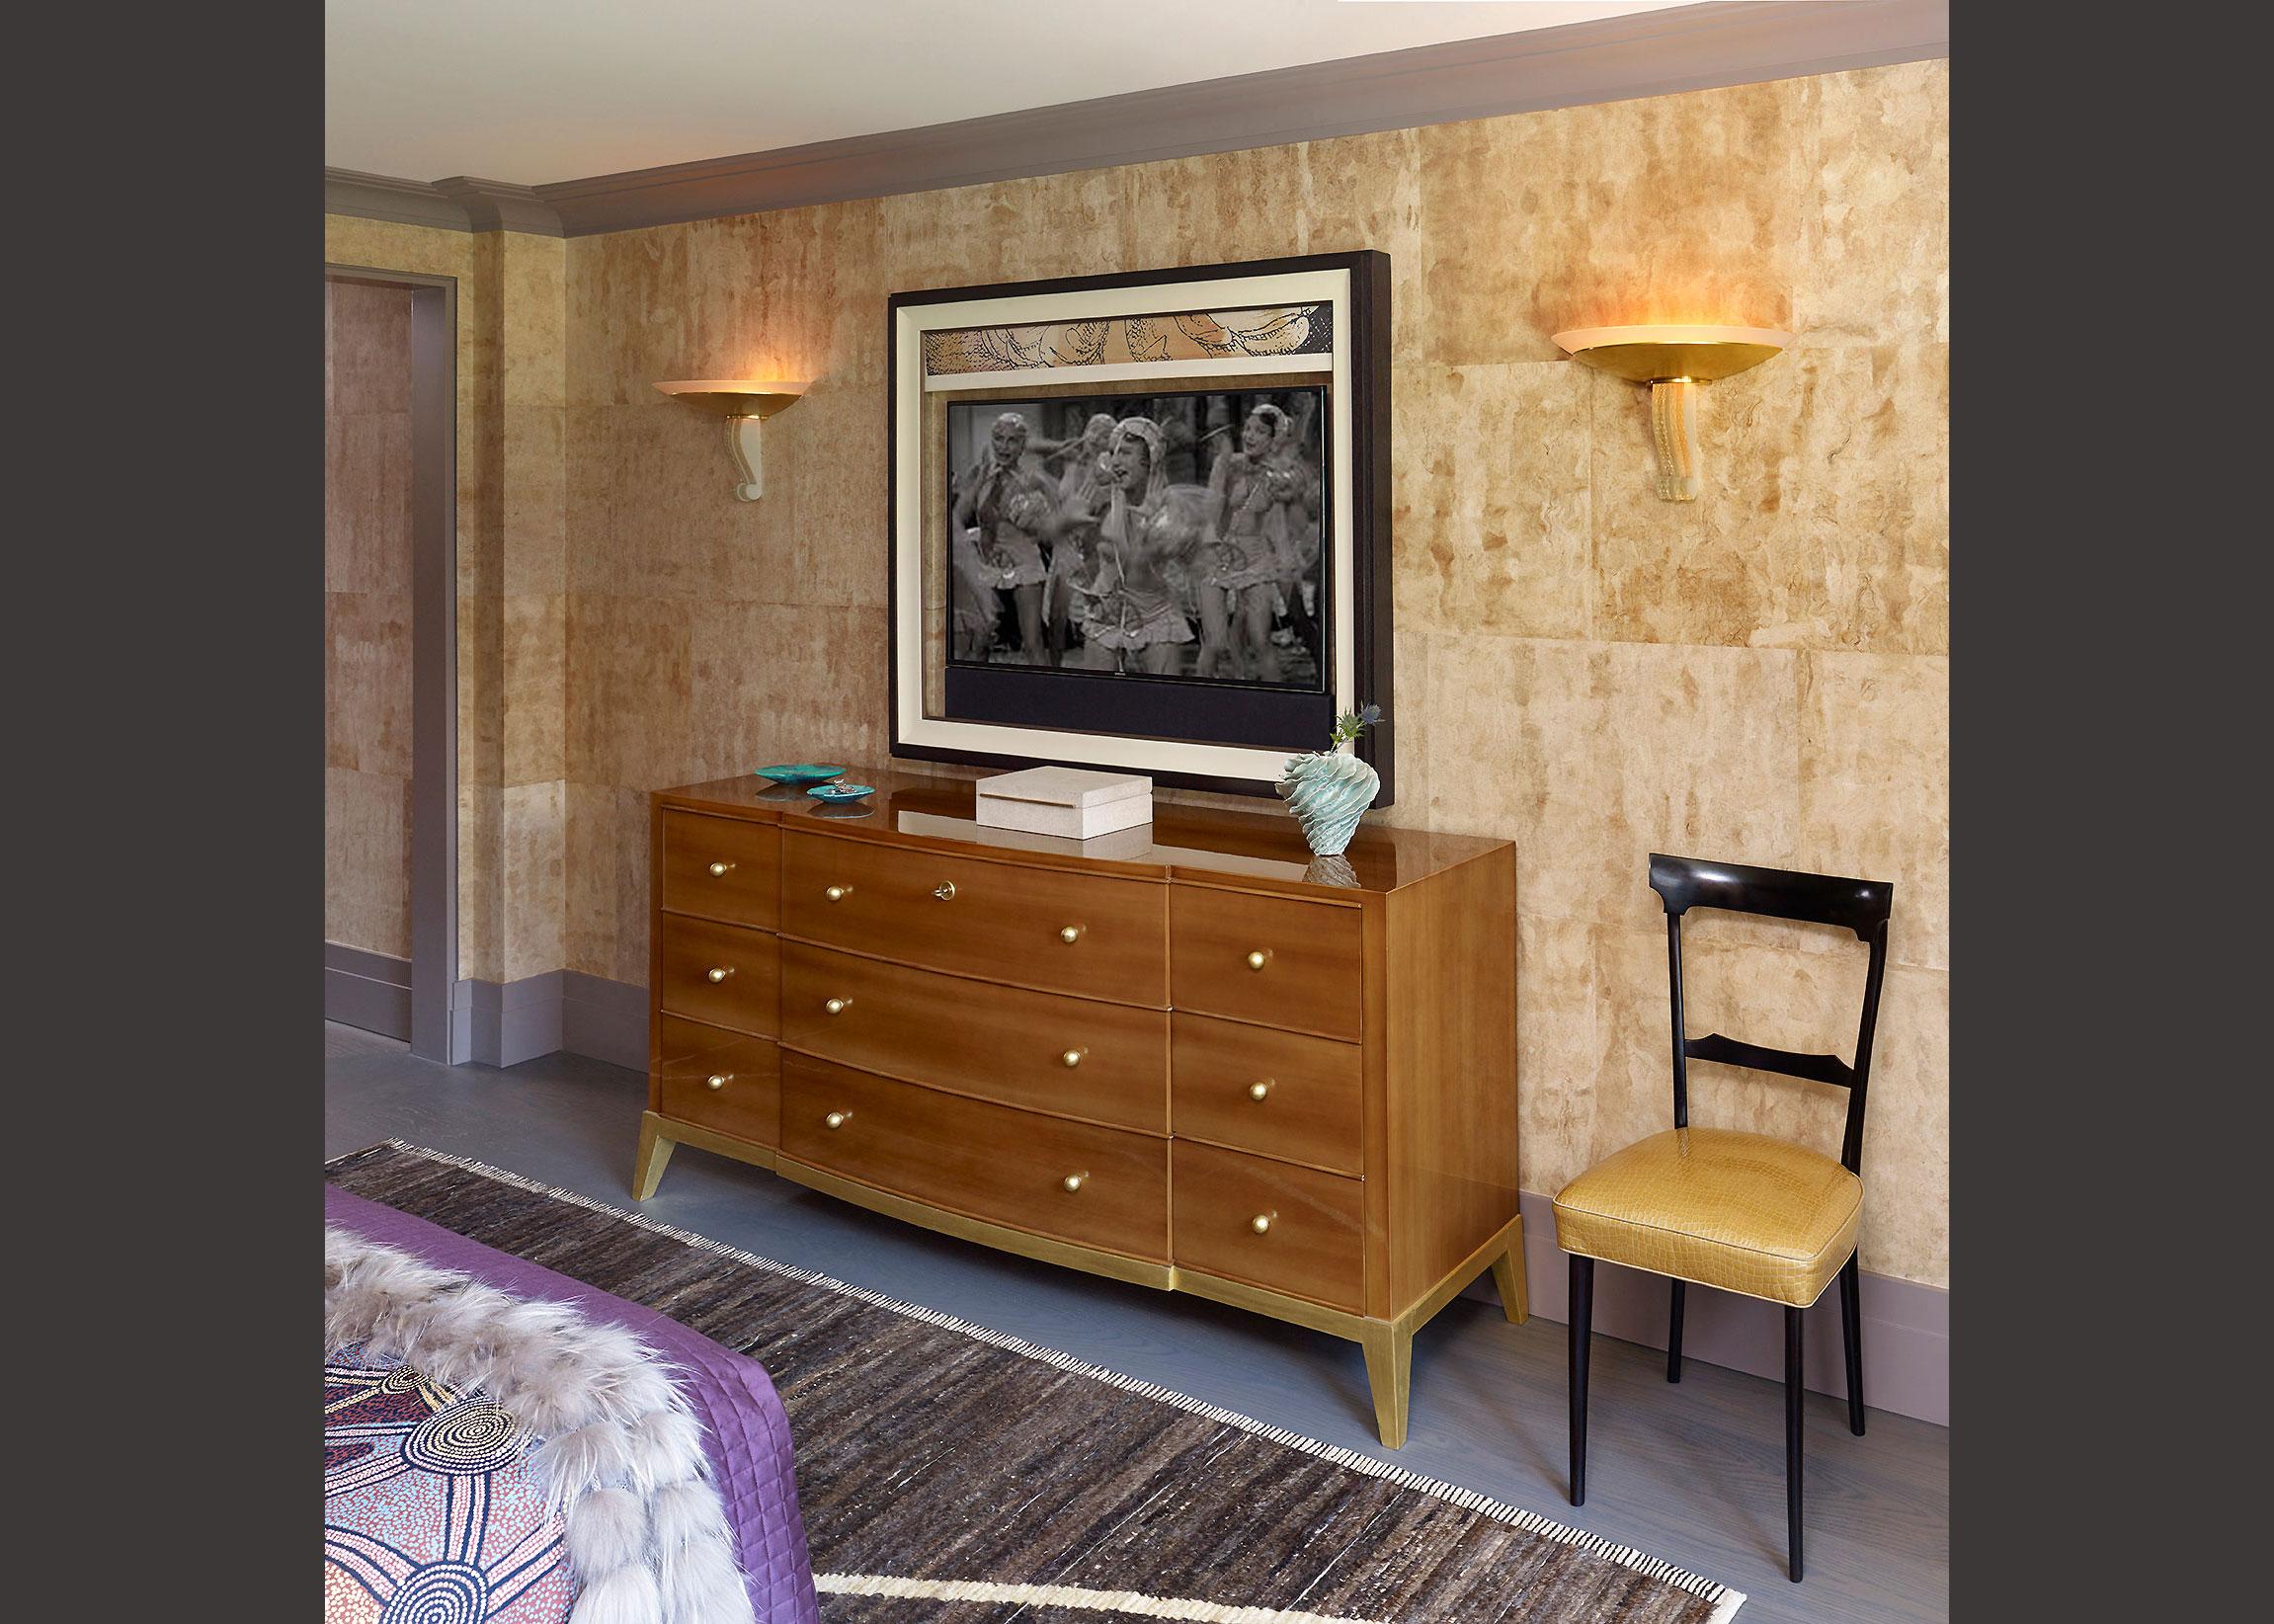 19a-master-bedroom.jpg